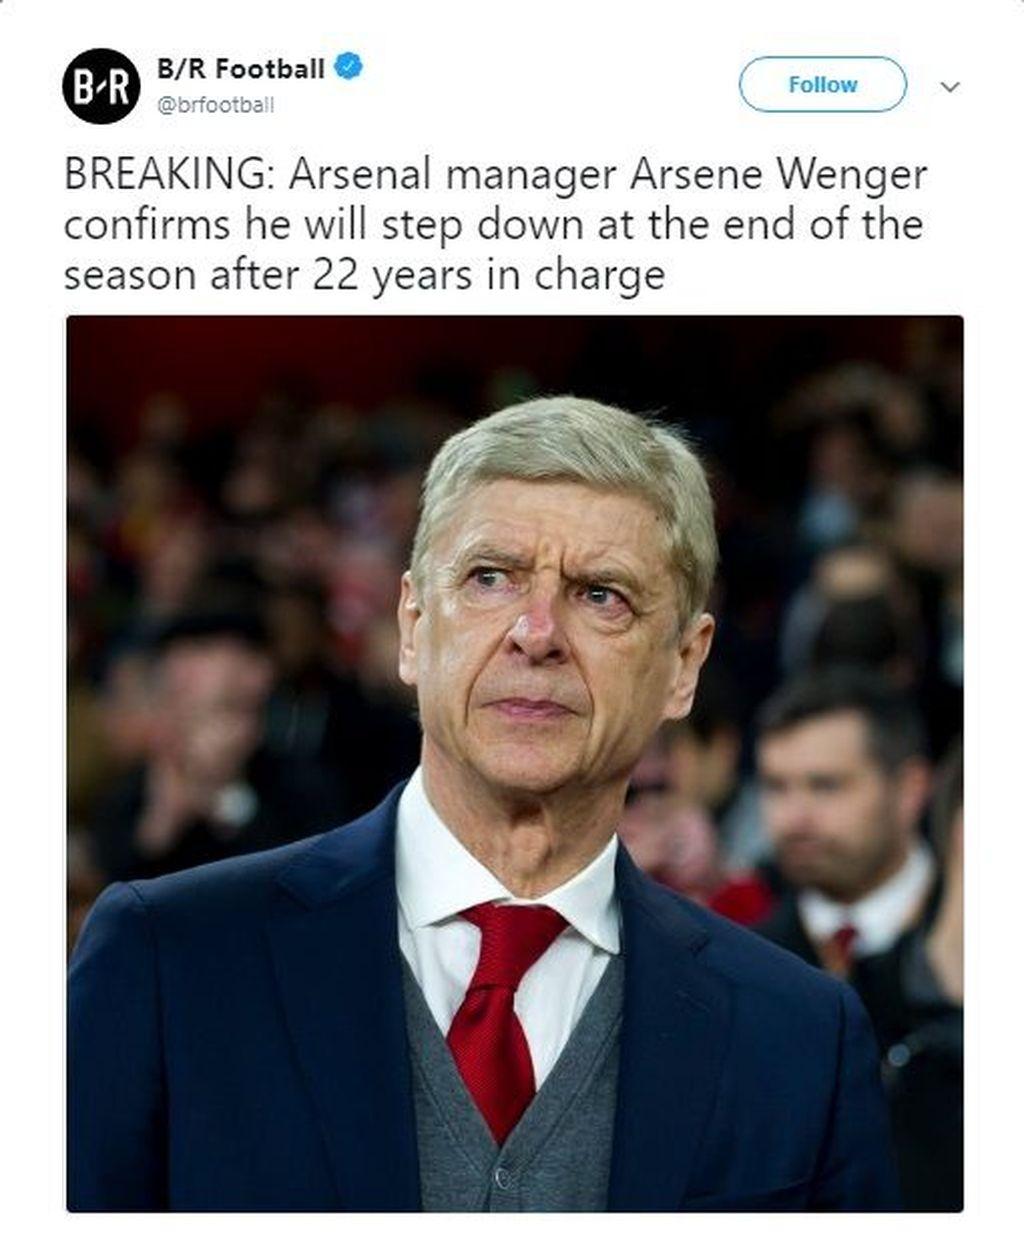 Arsene Wenger akan meninggalkan Arsenal pada akhir musim setelah 22 tahun menukangi tim asal London tersebut. Foto: istimewa